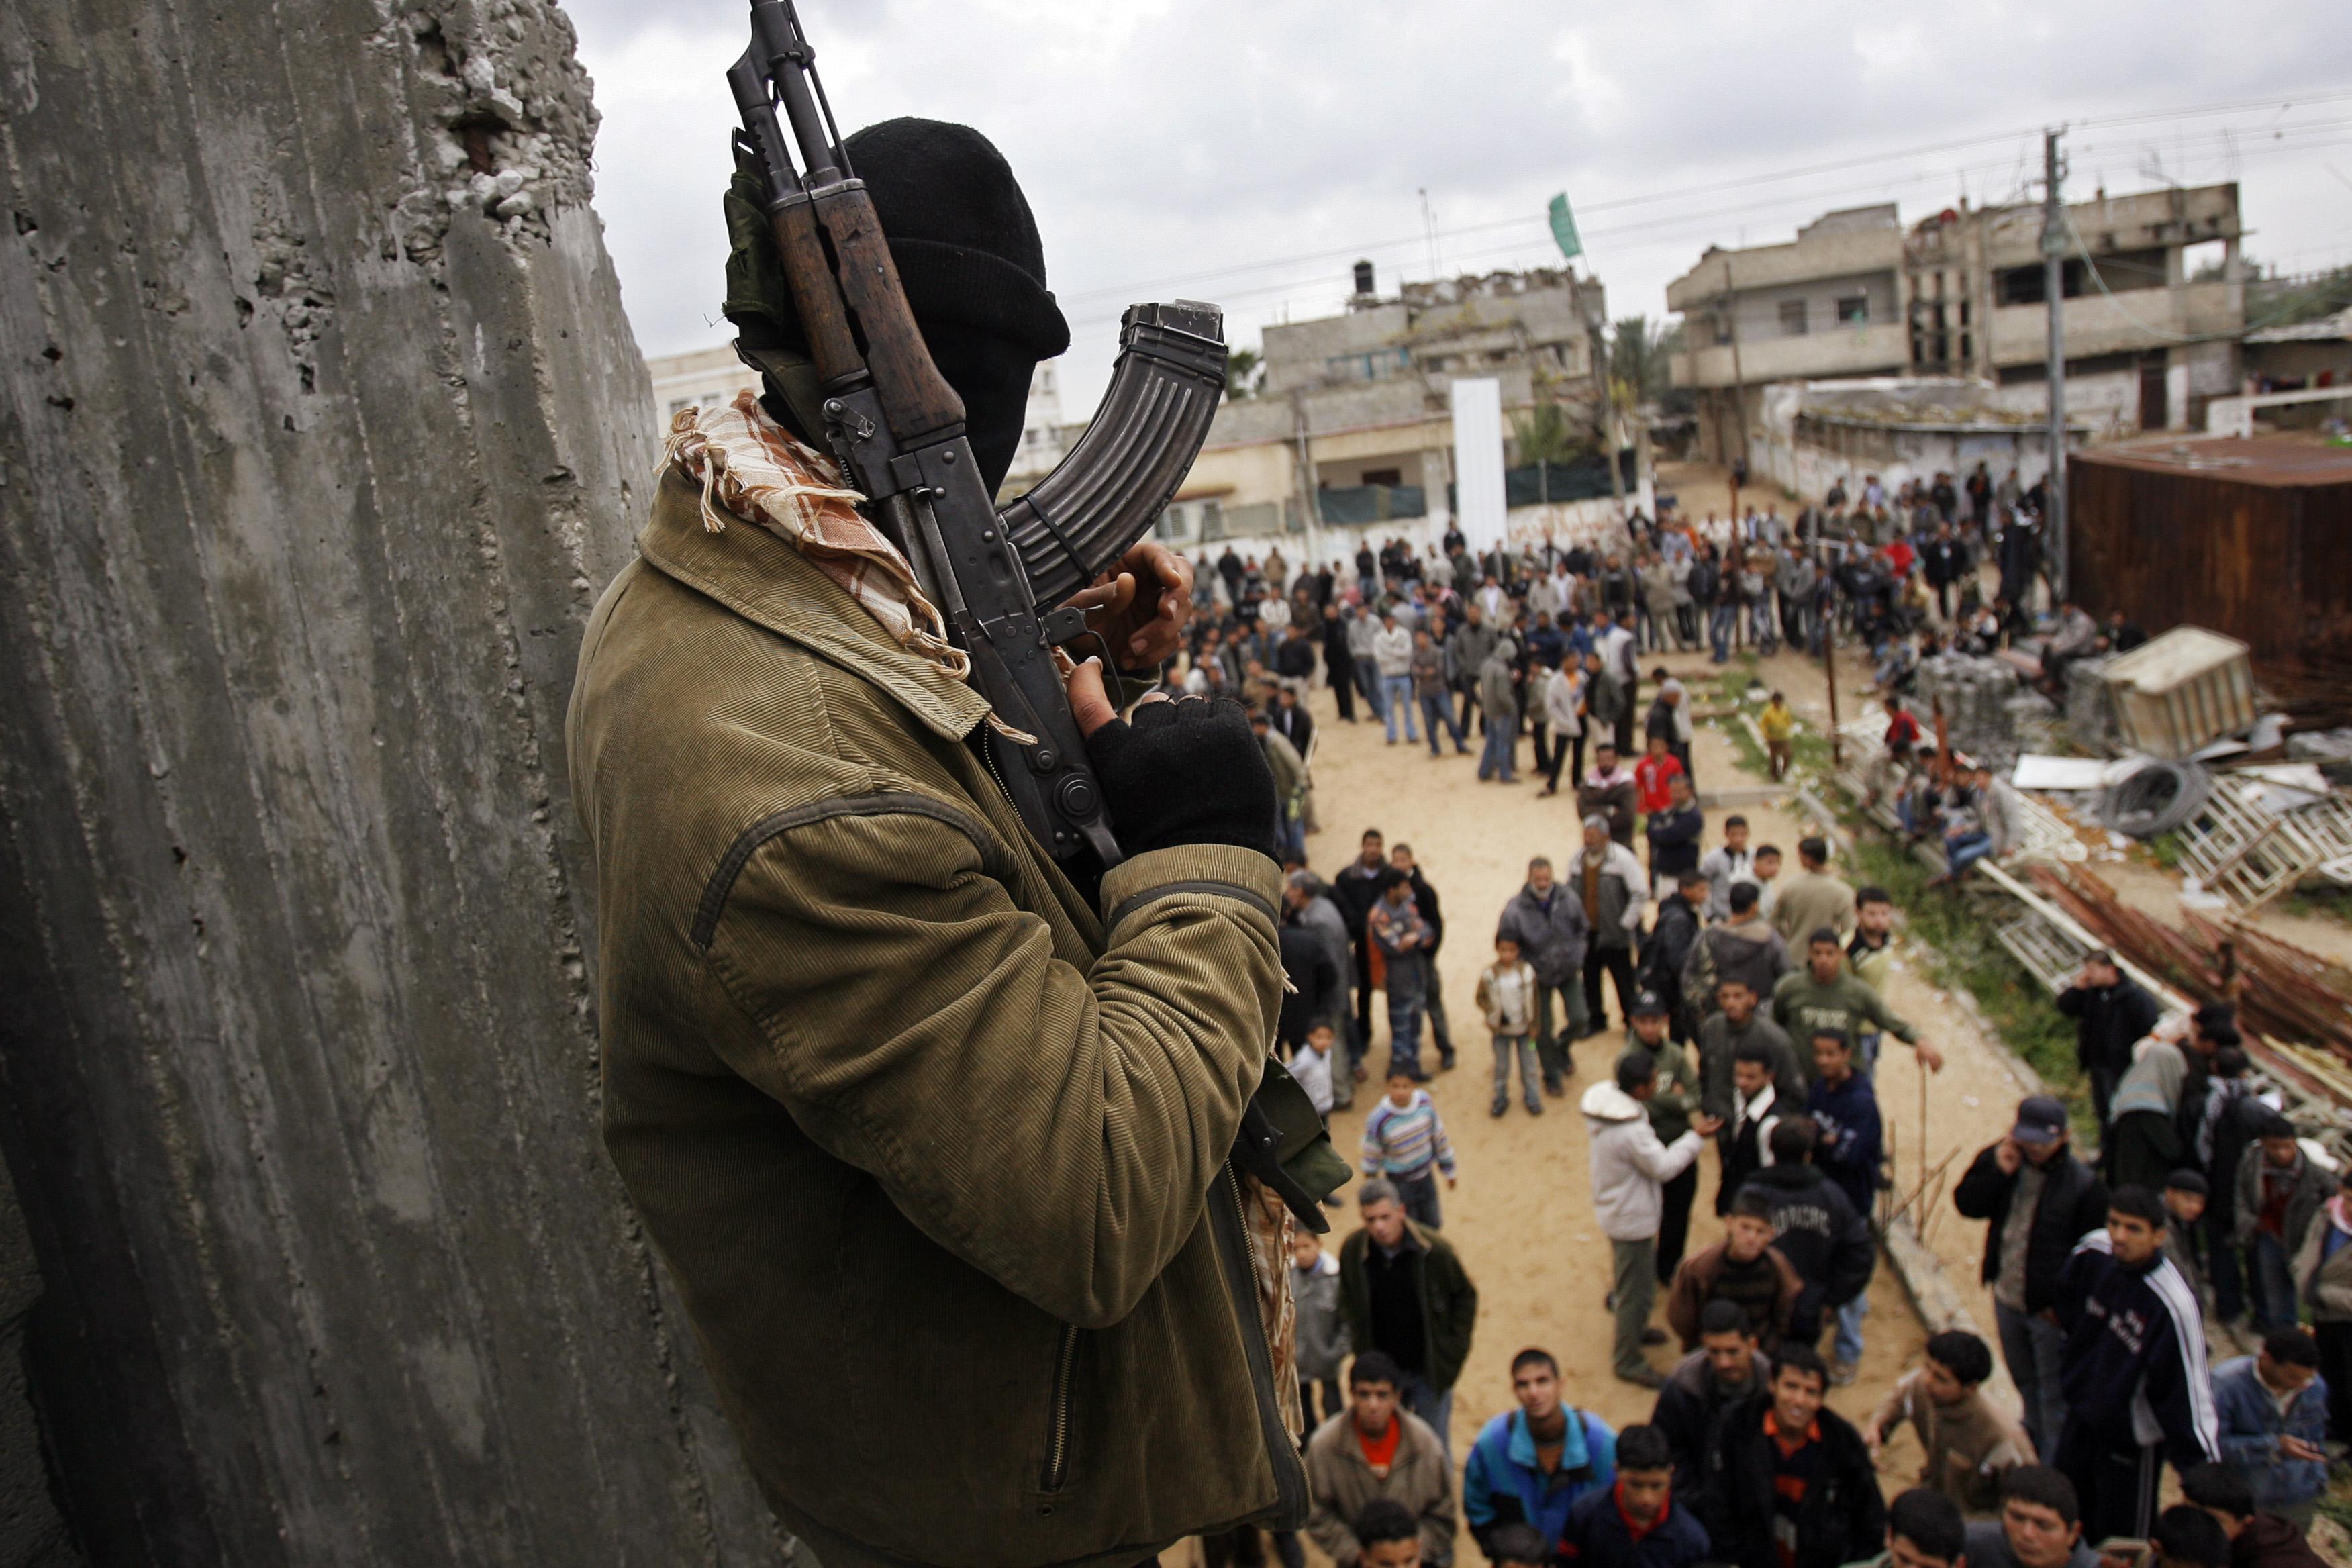 Роль джихада в истории россии и мира: что это такое, цели